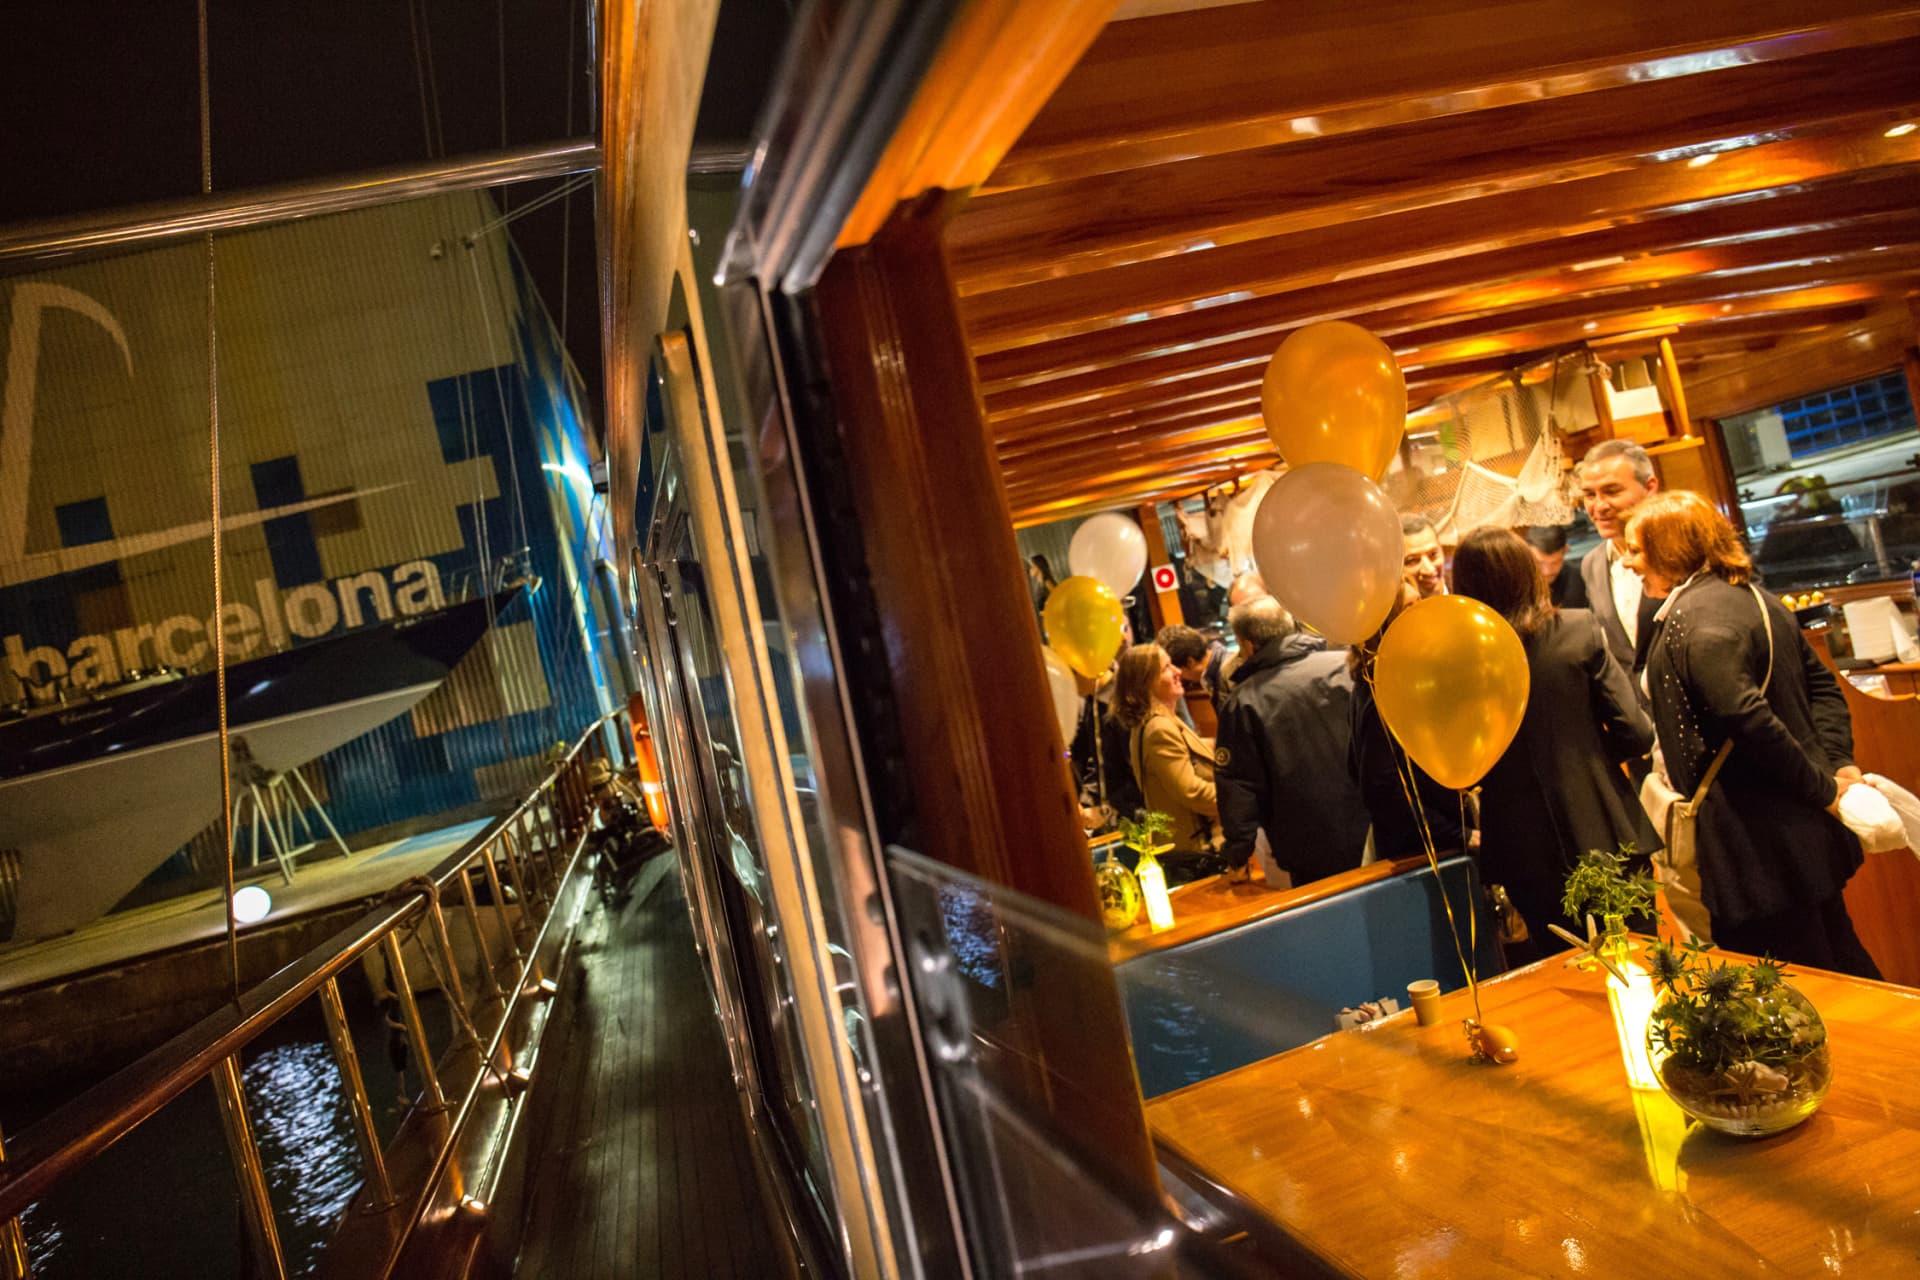 evento particular en barco, Barcelona